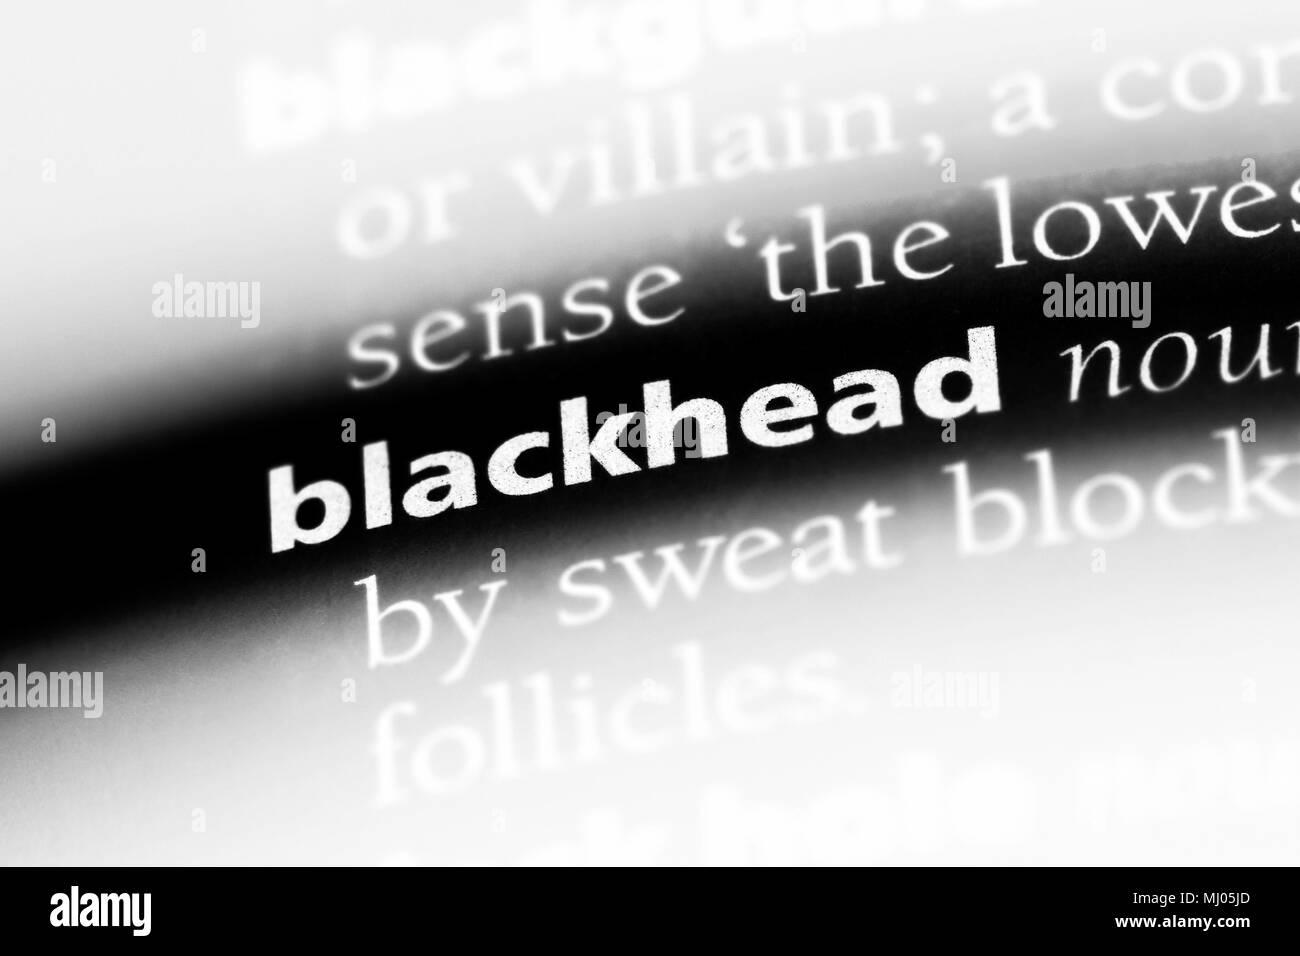 A Blackhead Stock Photos & A Blackhead Stock Images - Alamy